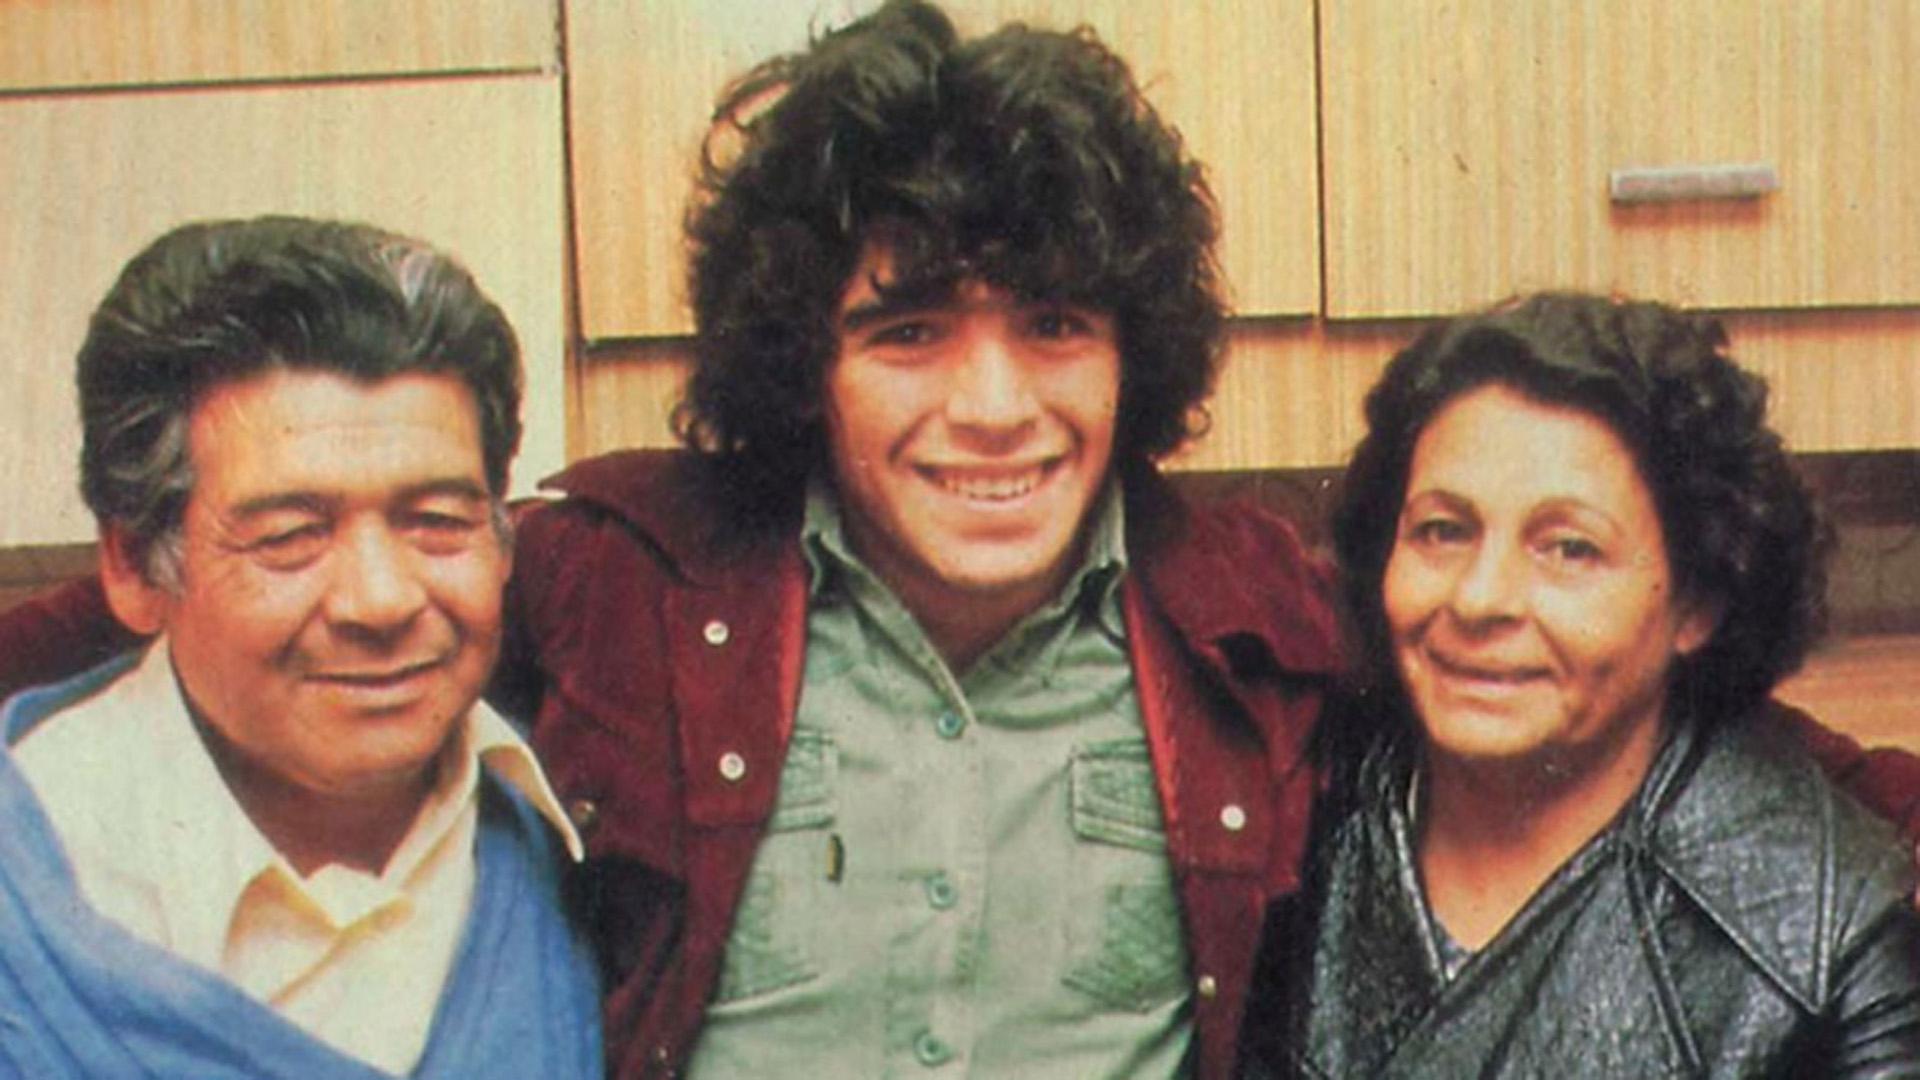 El árbol genealógico de los Maradona, ¿quién es quién en el clan y para qué  lado juegan? - Infobae